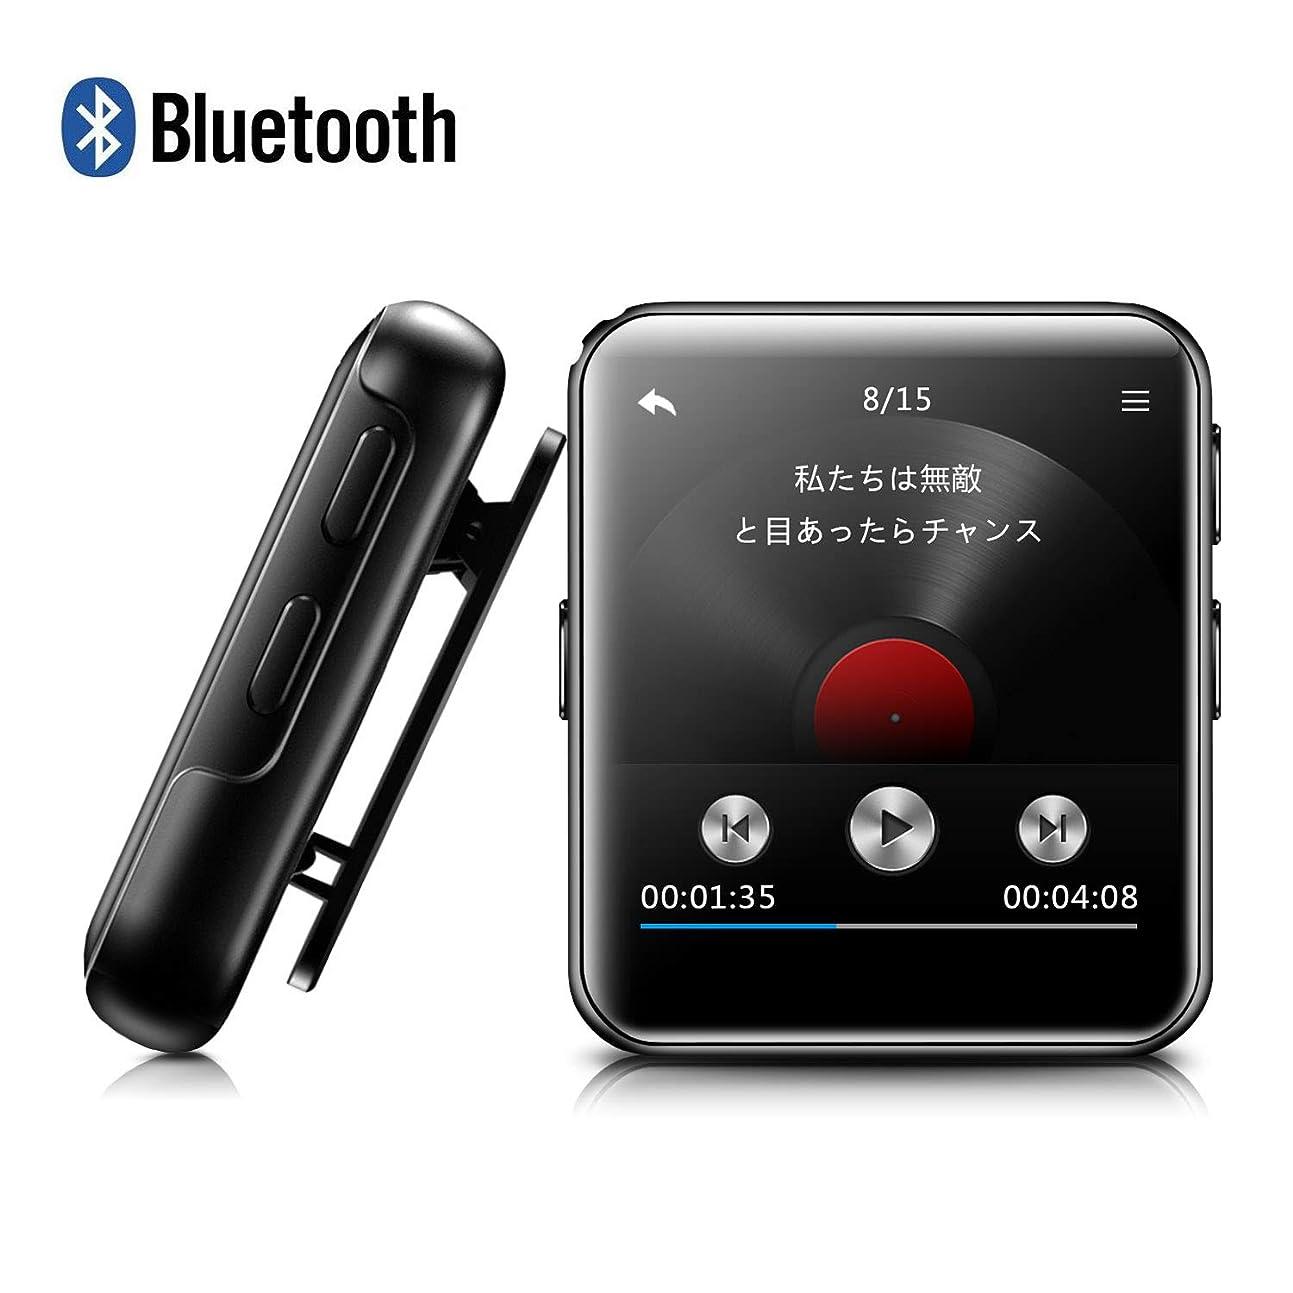 右誰特許BENJIE MP3プレーヤー bluetooth4.0 タッチパネル液晶を採用 mp3プレイヤー ミニ クリップ式 スポーツ HIFI超高音質 合金製 FMラジオ 録音 デジタルオーディオプレーヤー 8GB内蔵容量 専用イヤホン付け 音楽プレーヤー 小型 FMラジオ 録音対応 (8G)